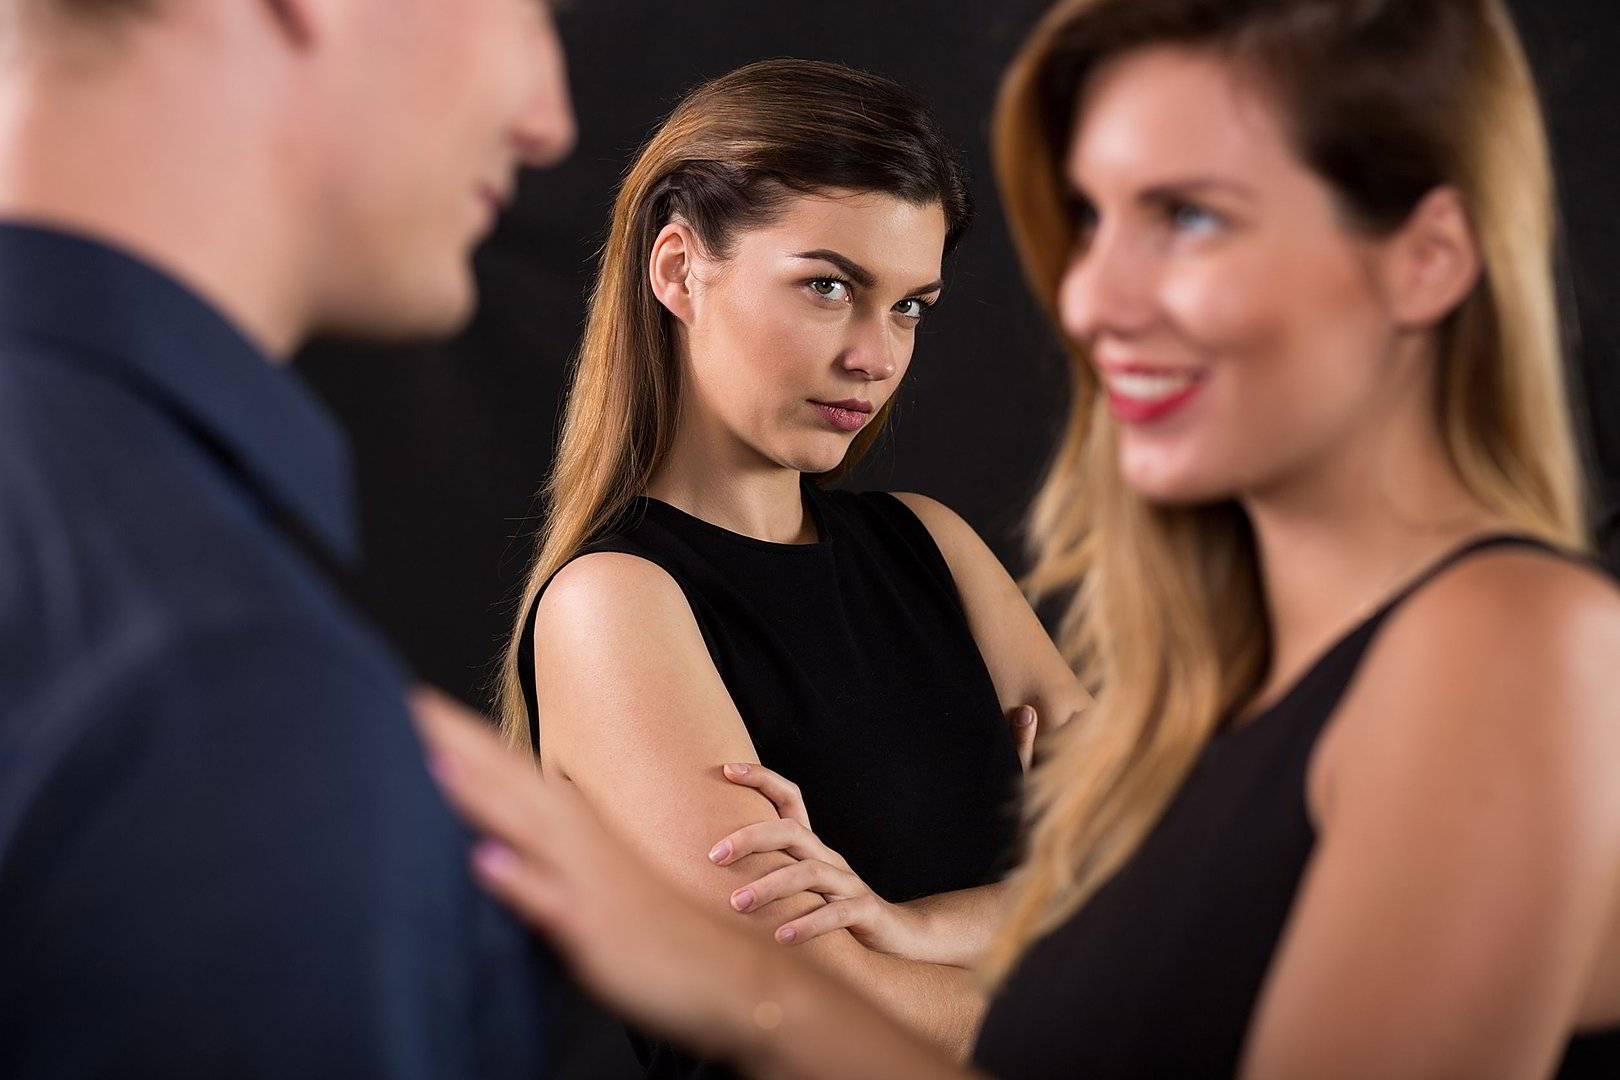 Каких женщин выбирают успешные мужчины?